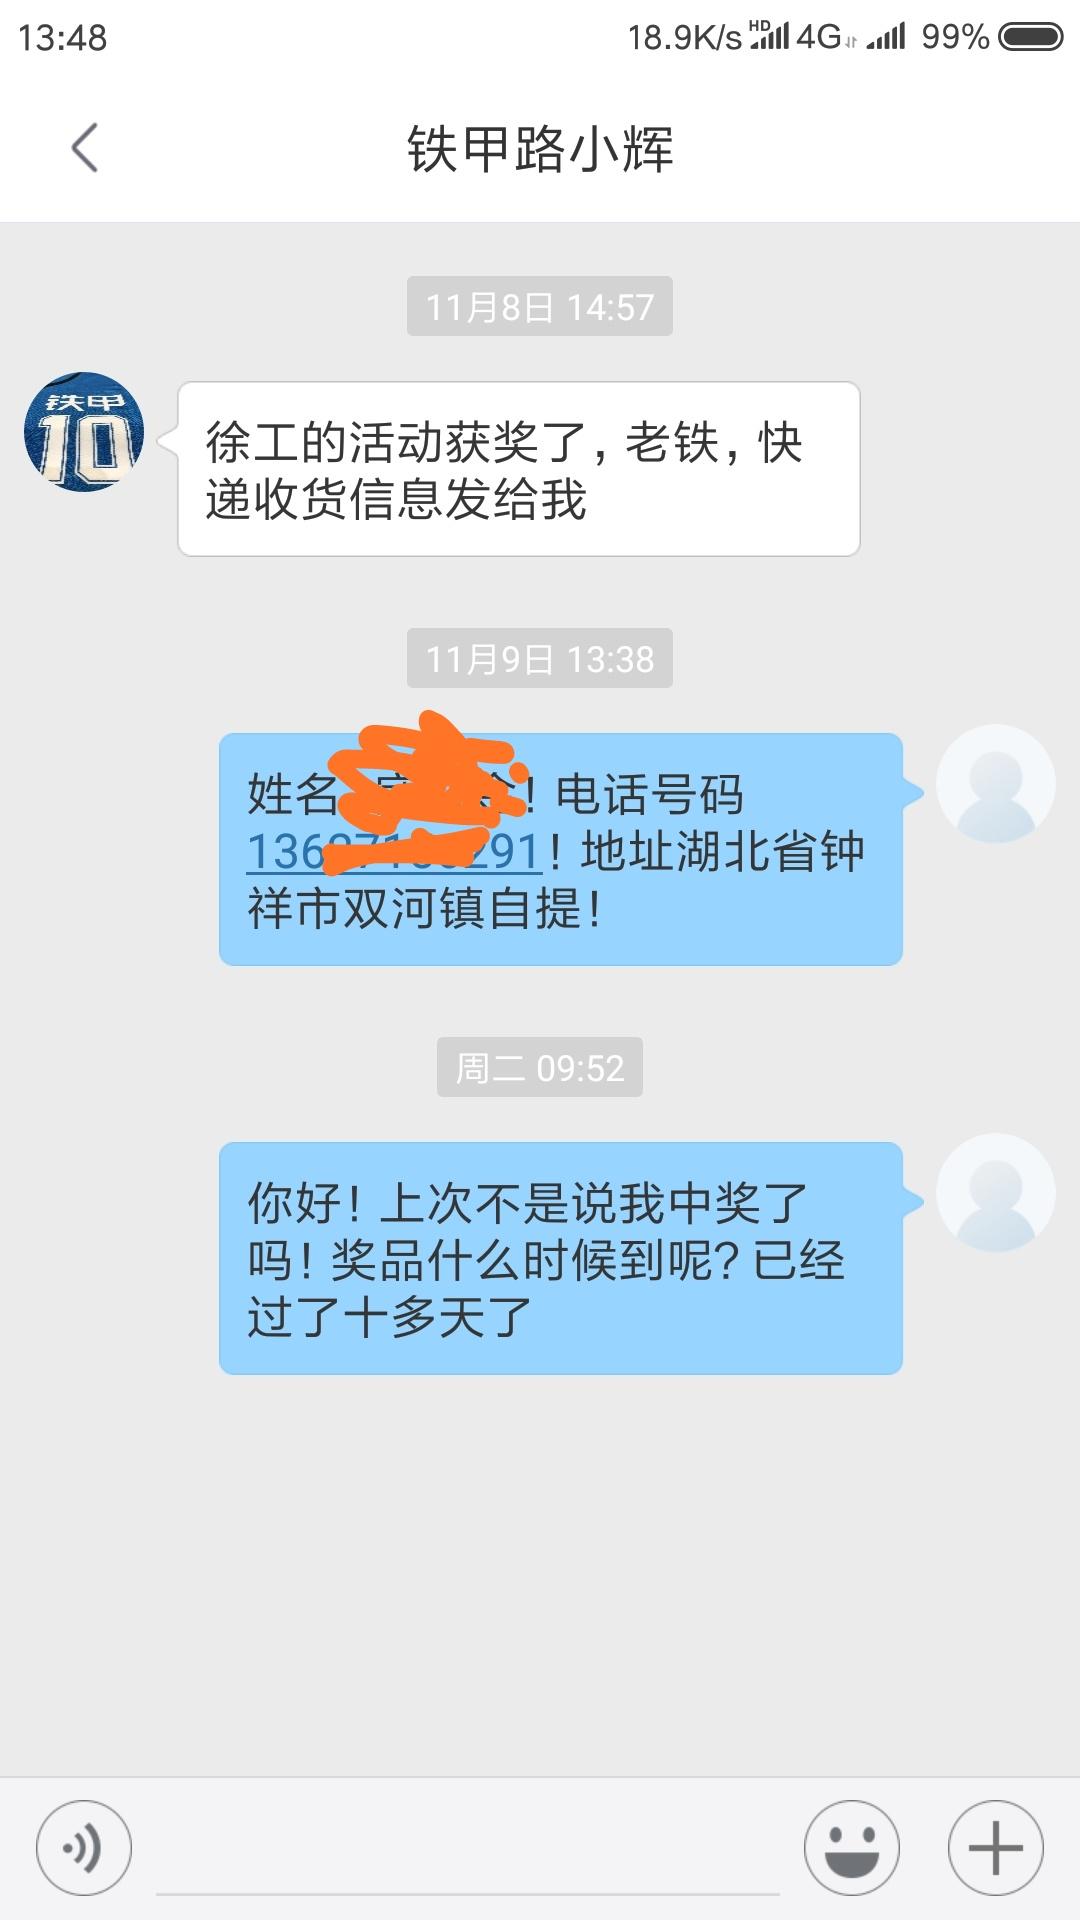 小辉最近哪儿去了!私信咋没人回复呢